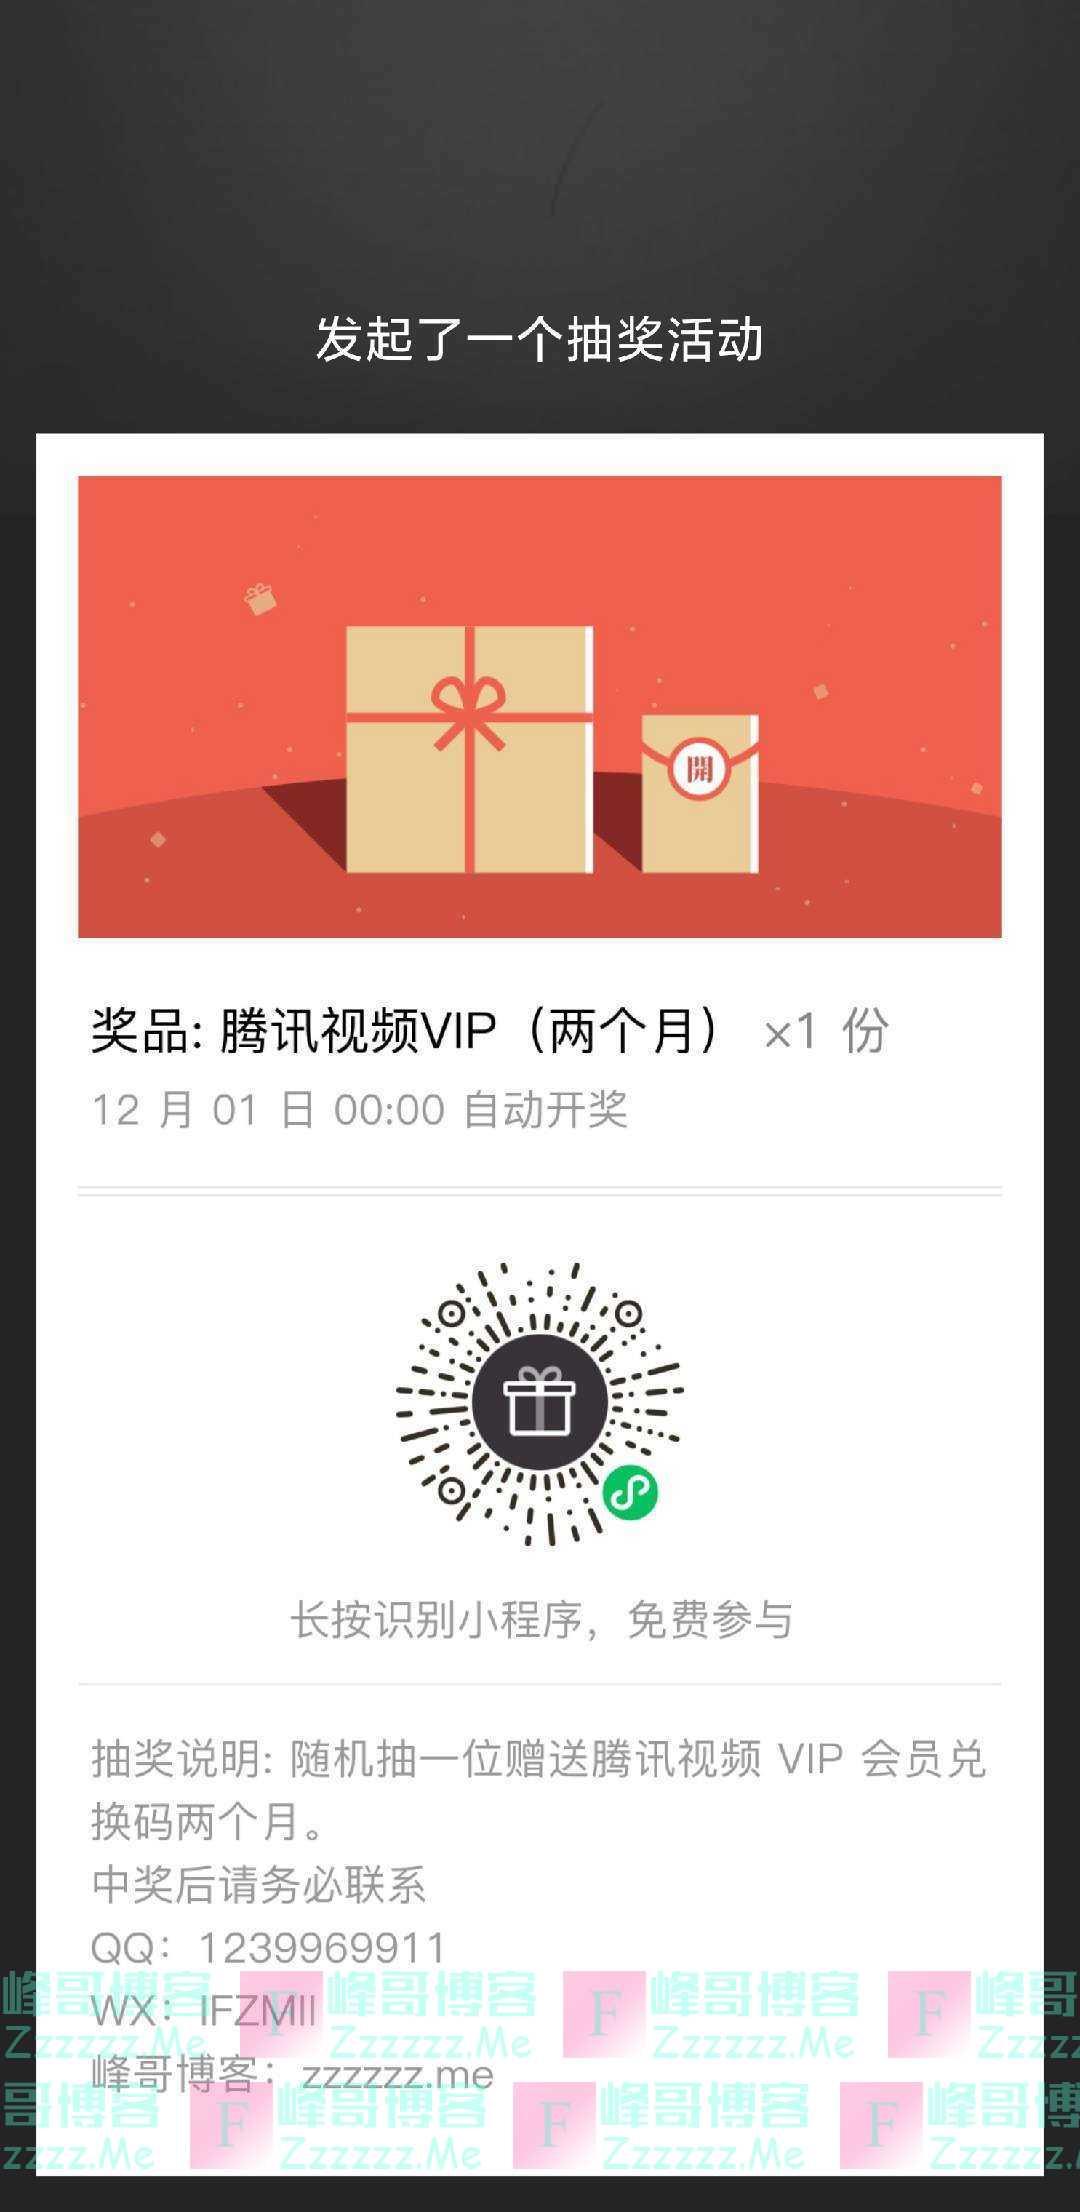 【抽奖】随机抽一个赠送腾讯视频VIP会员两个月!